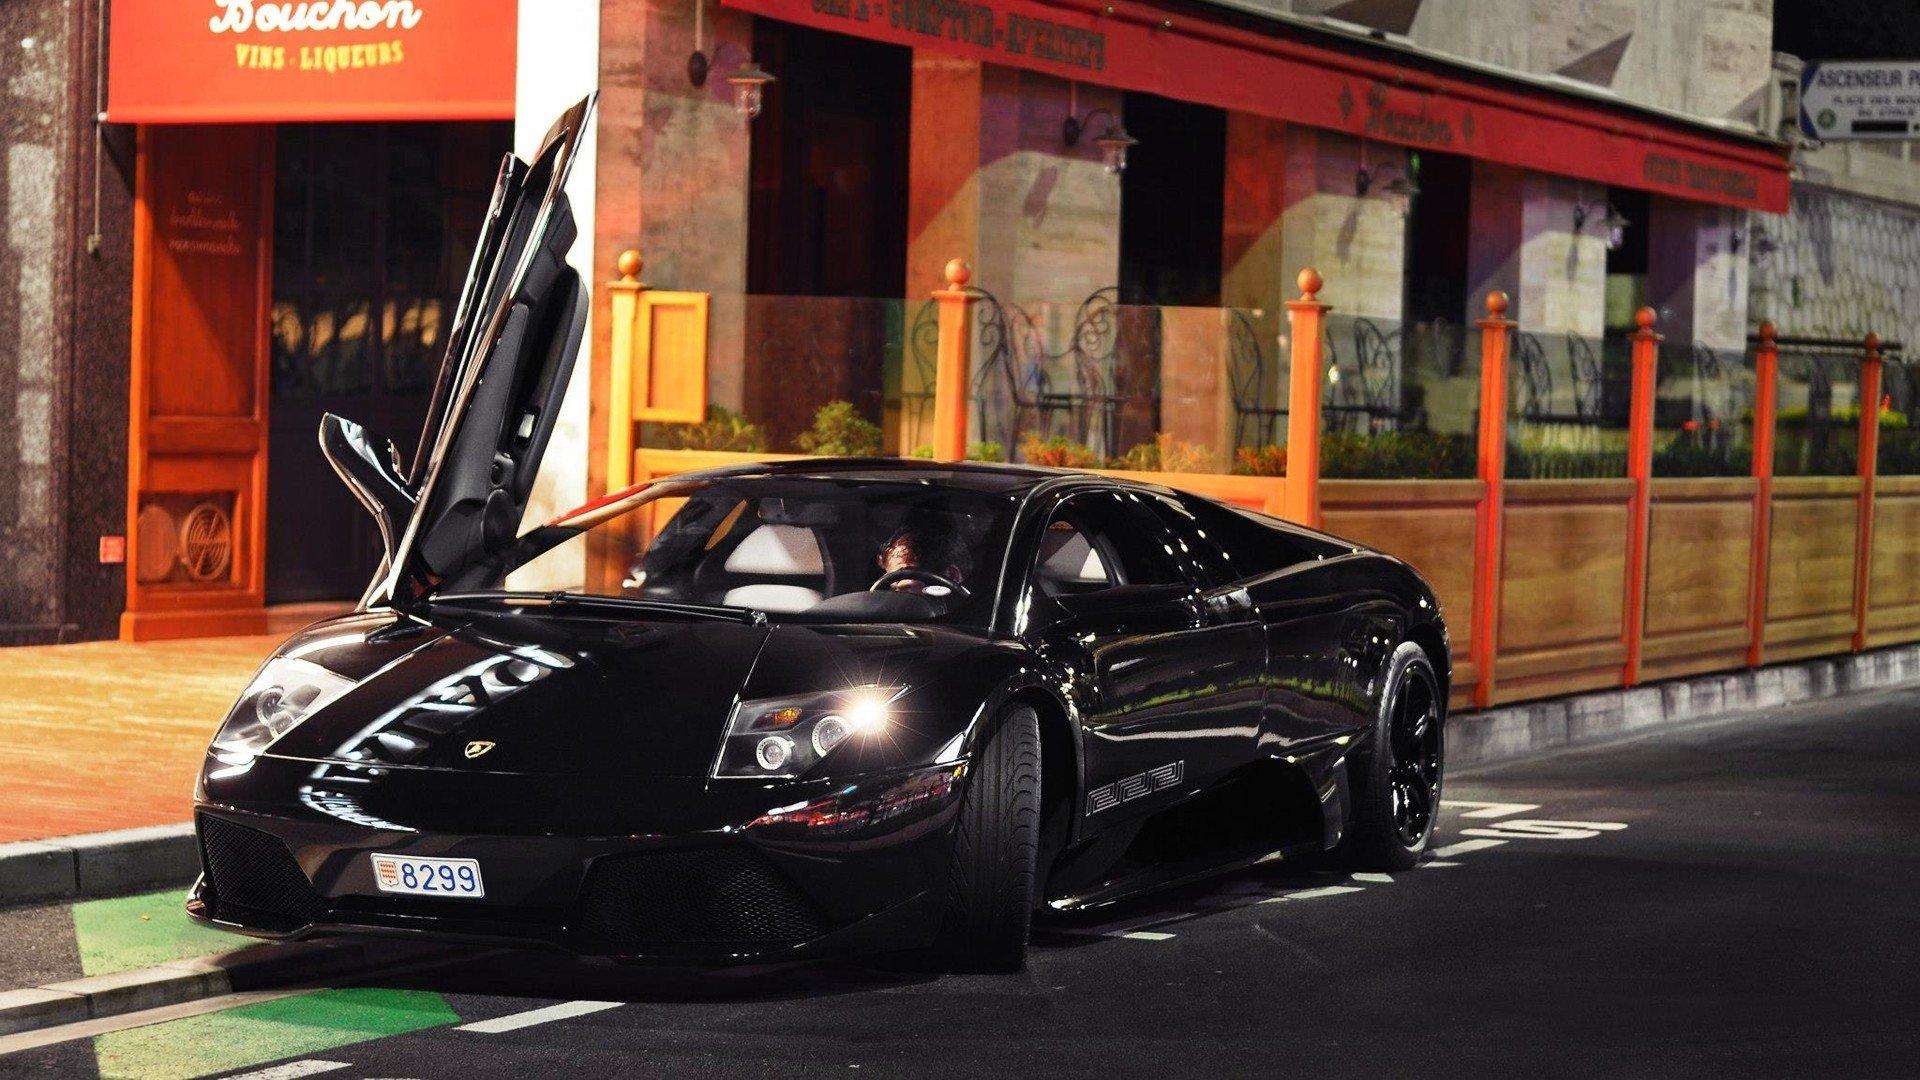 Streets Cars Lamborghini Lamborghini Murcielago Lamborghini